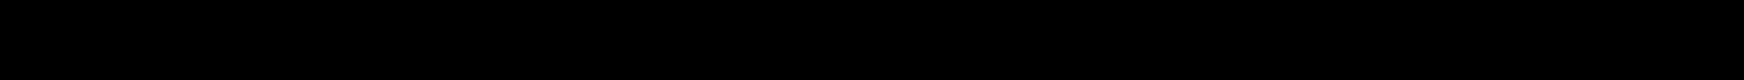 CFPanoptik-Medium.otf